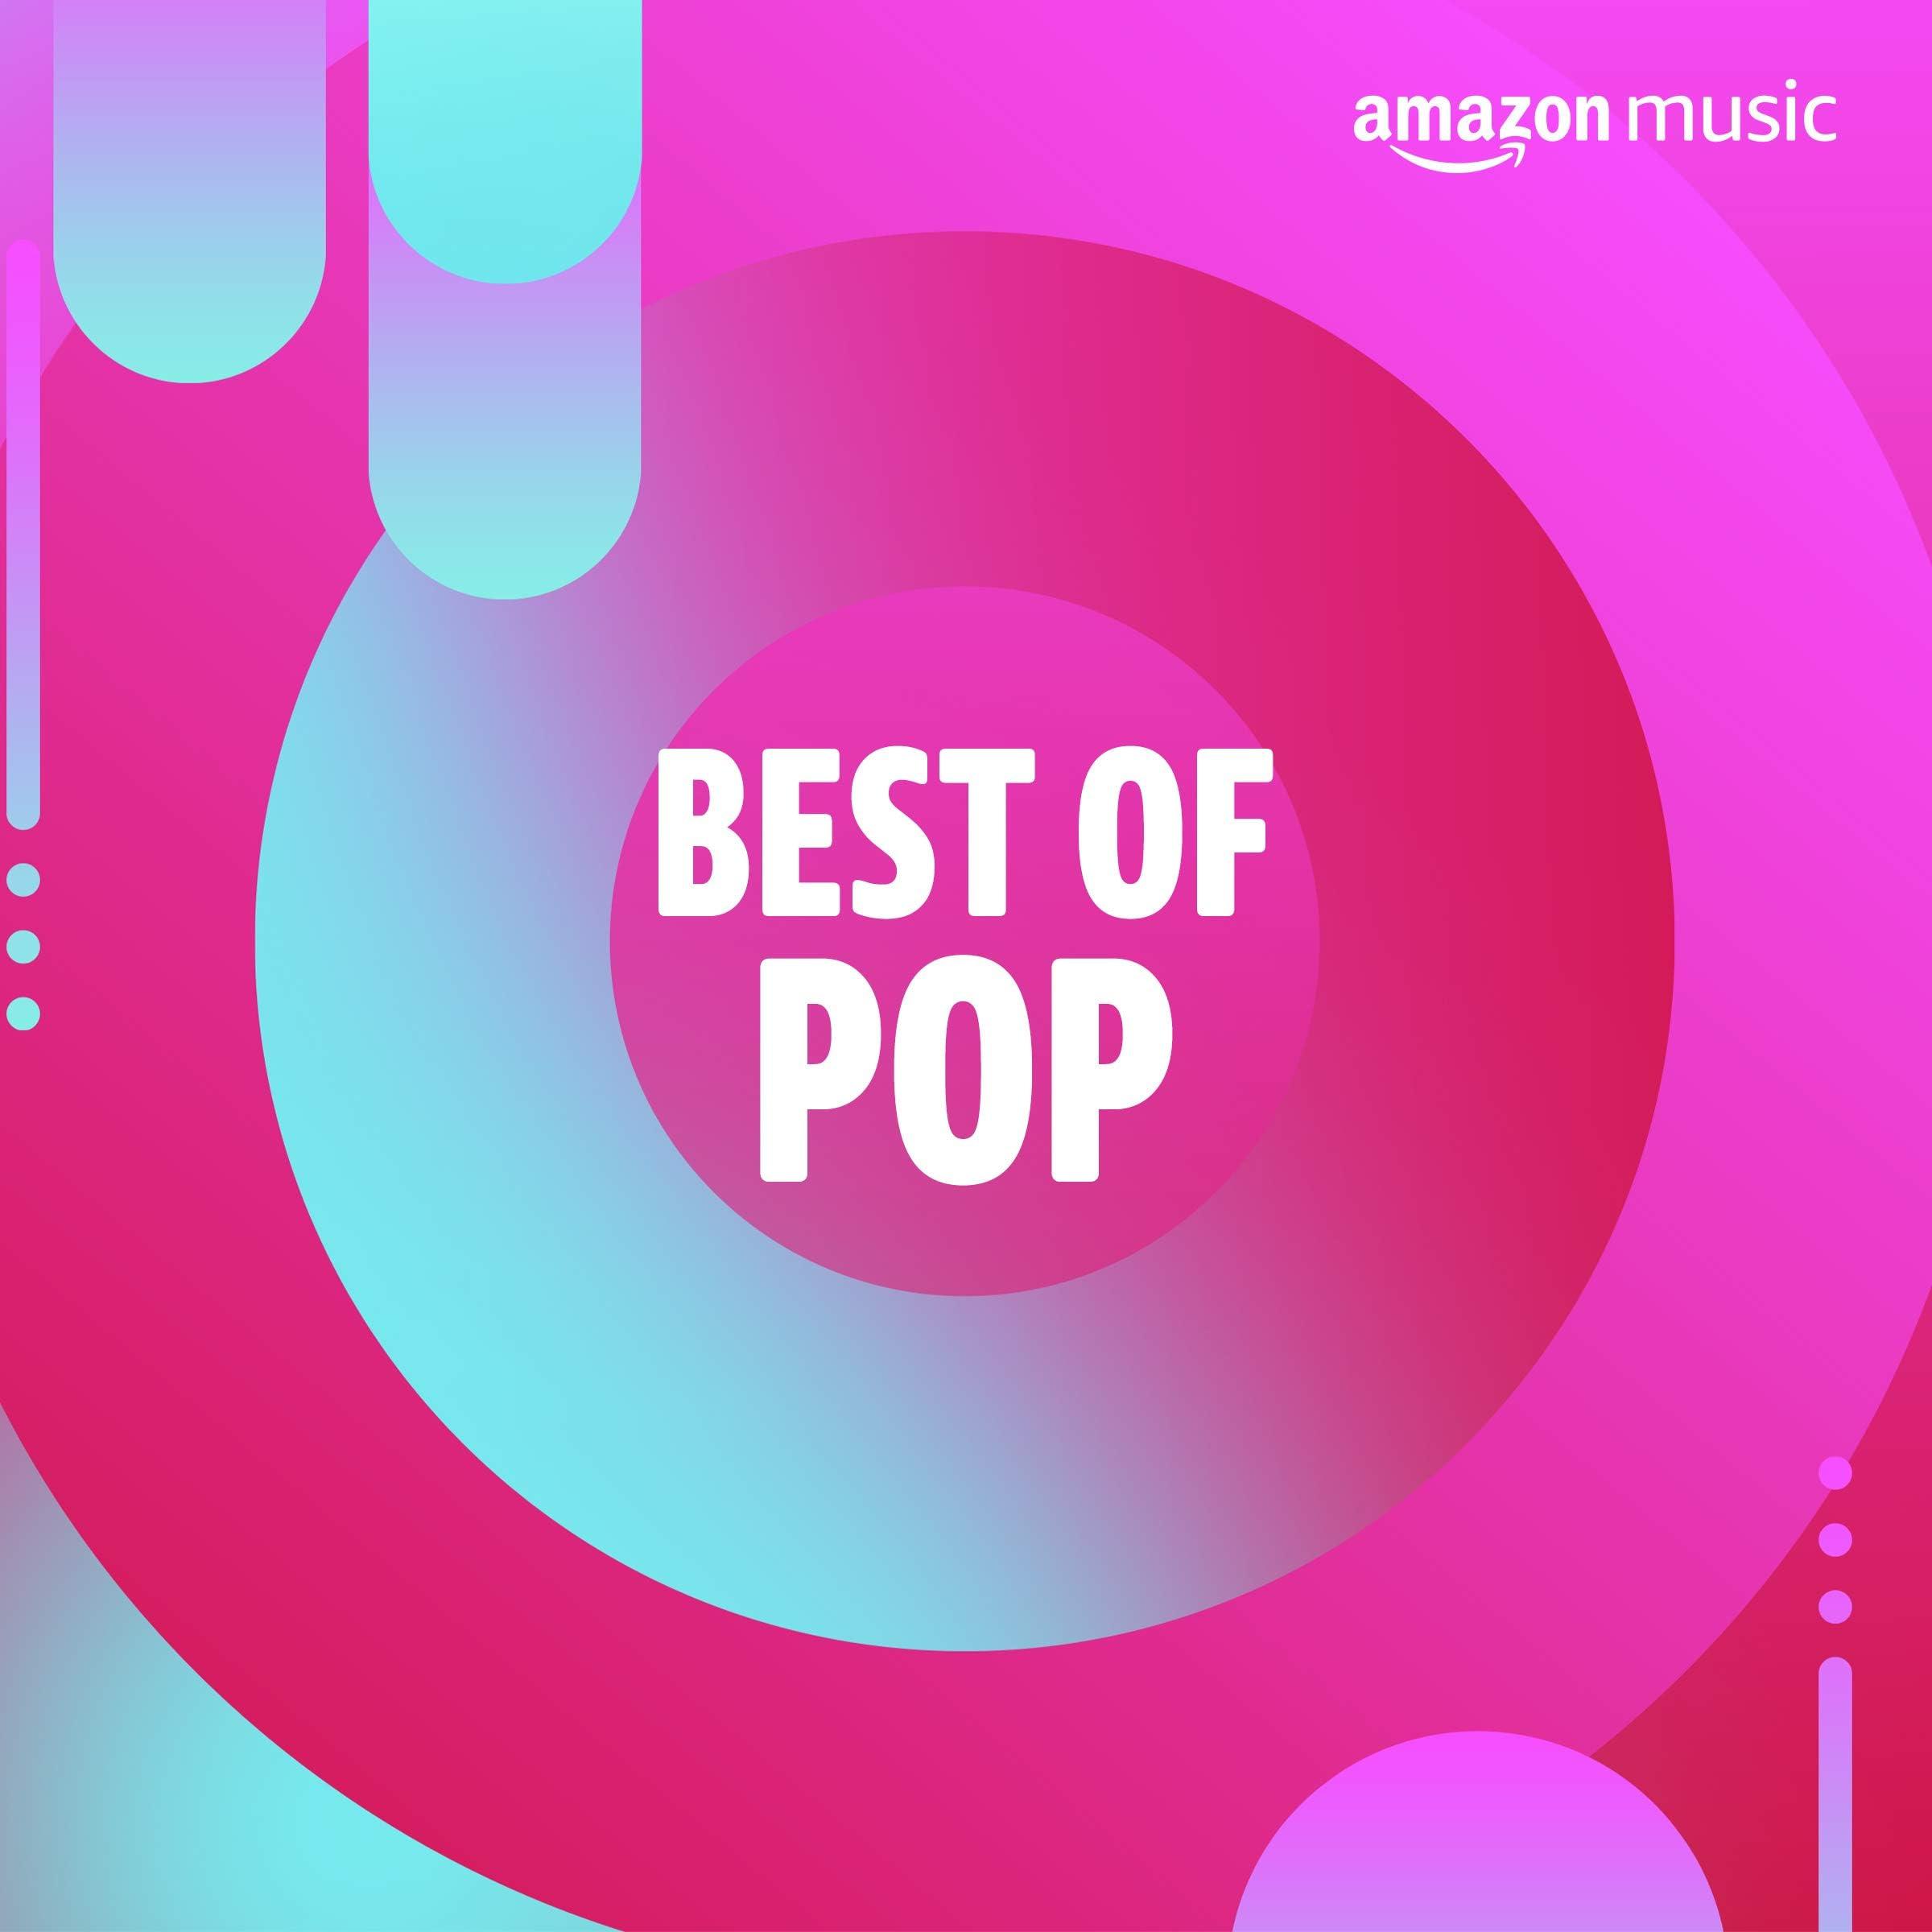 Best of Pop